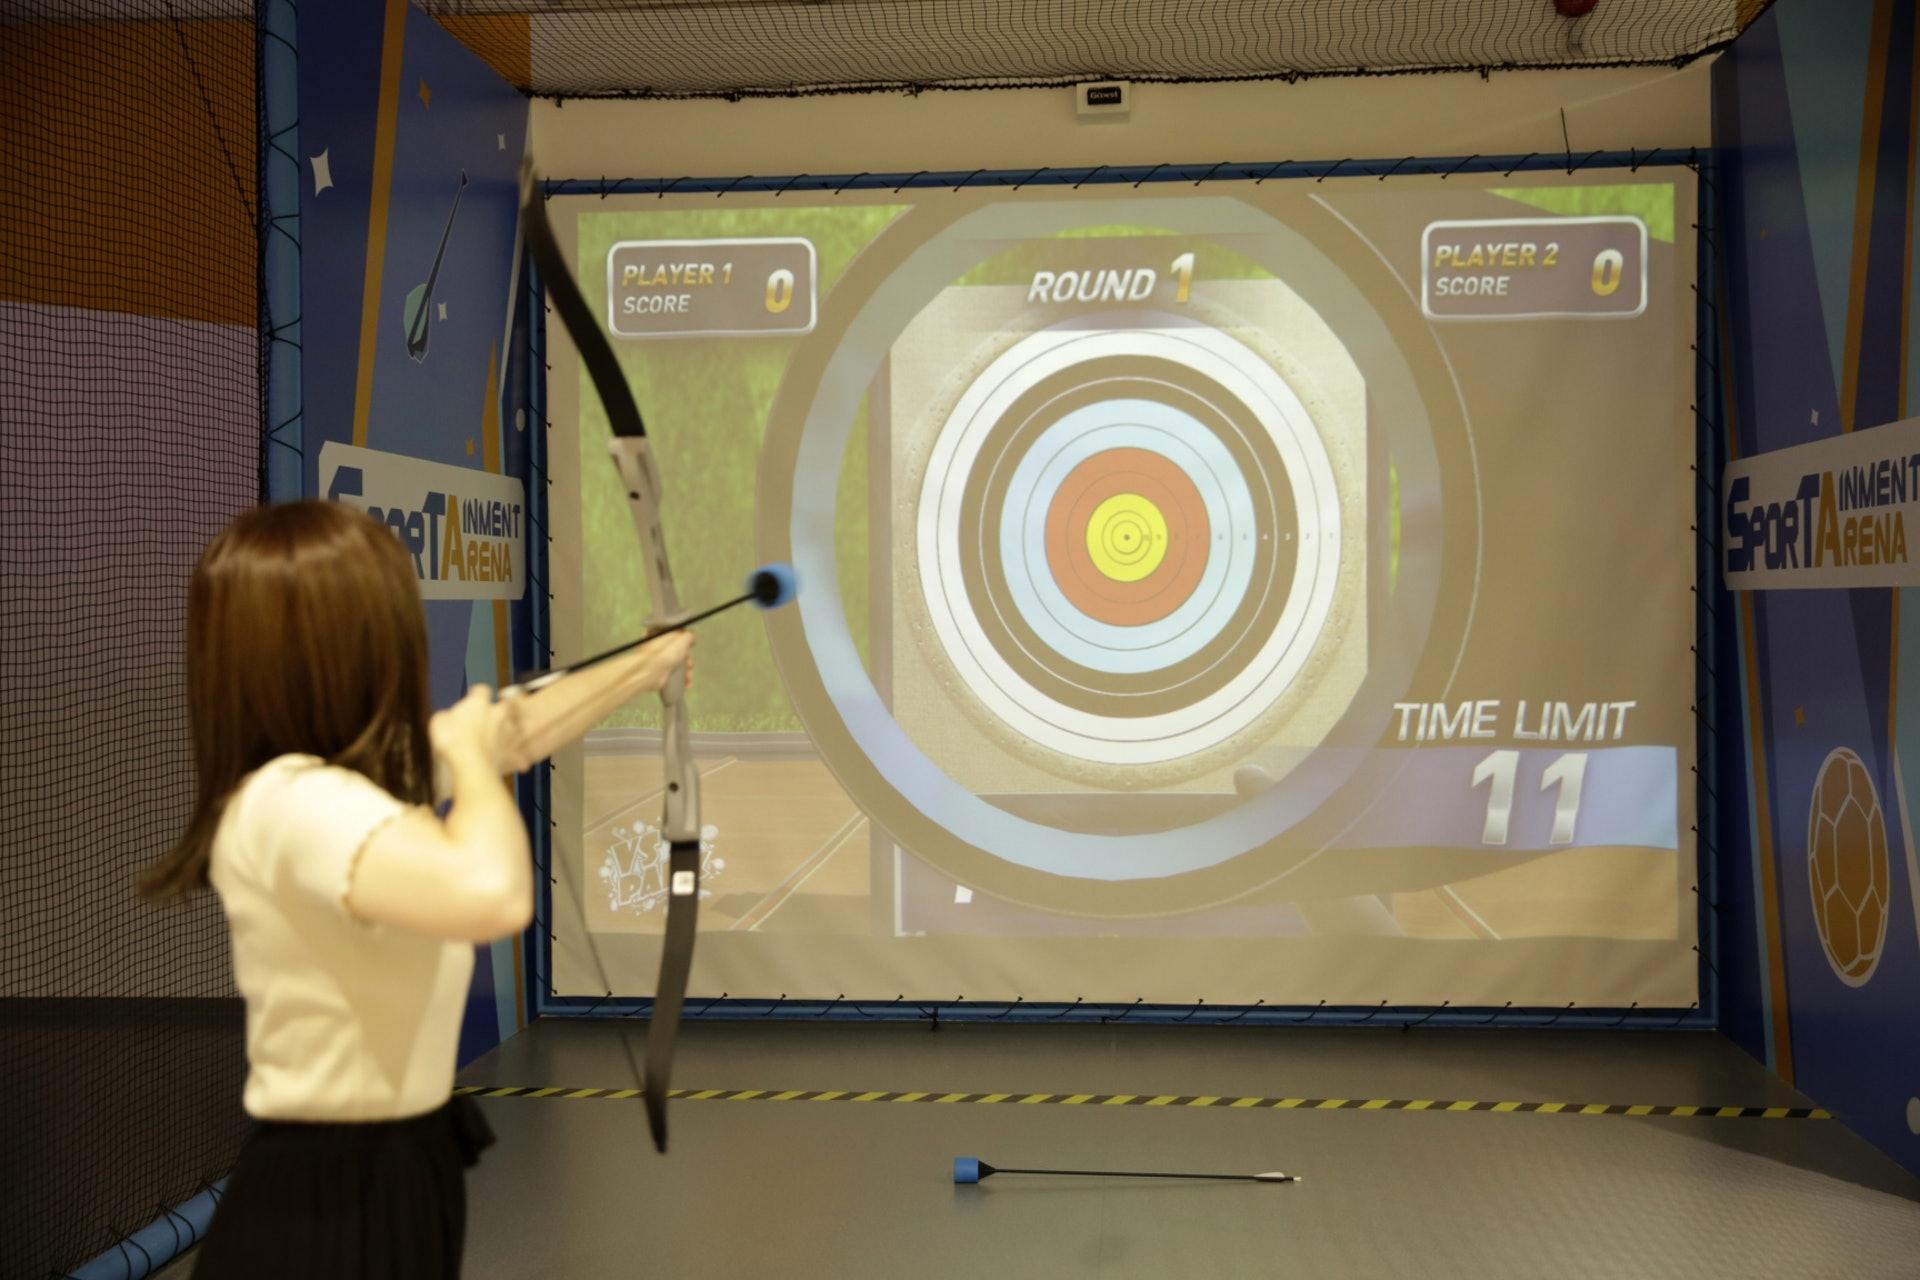 【3/VS ARCHERY】將箭射去投影箭靶得分!(龔嘉盛攝)